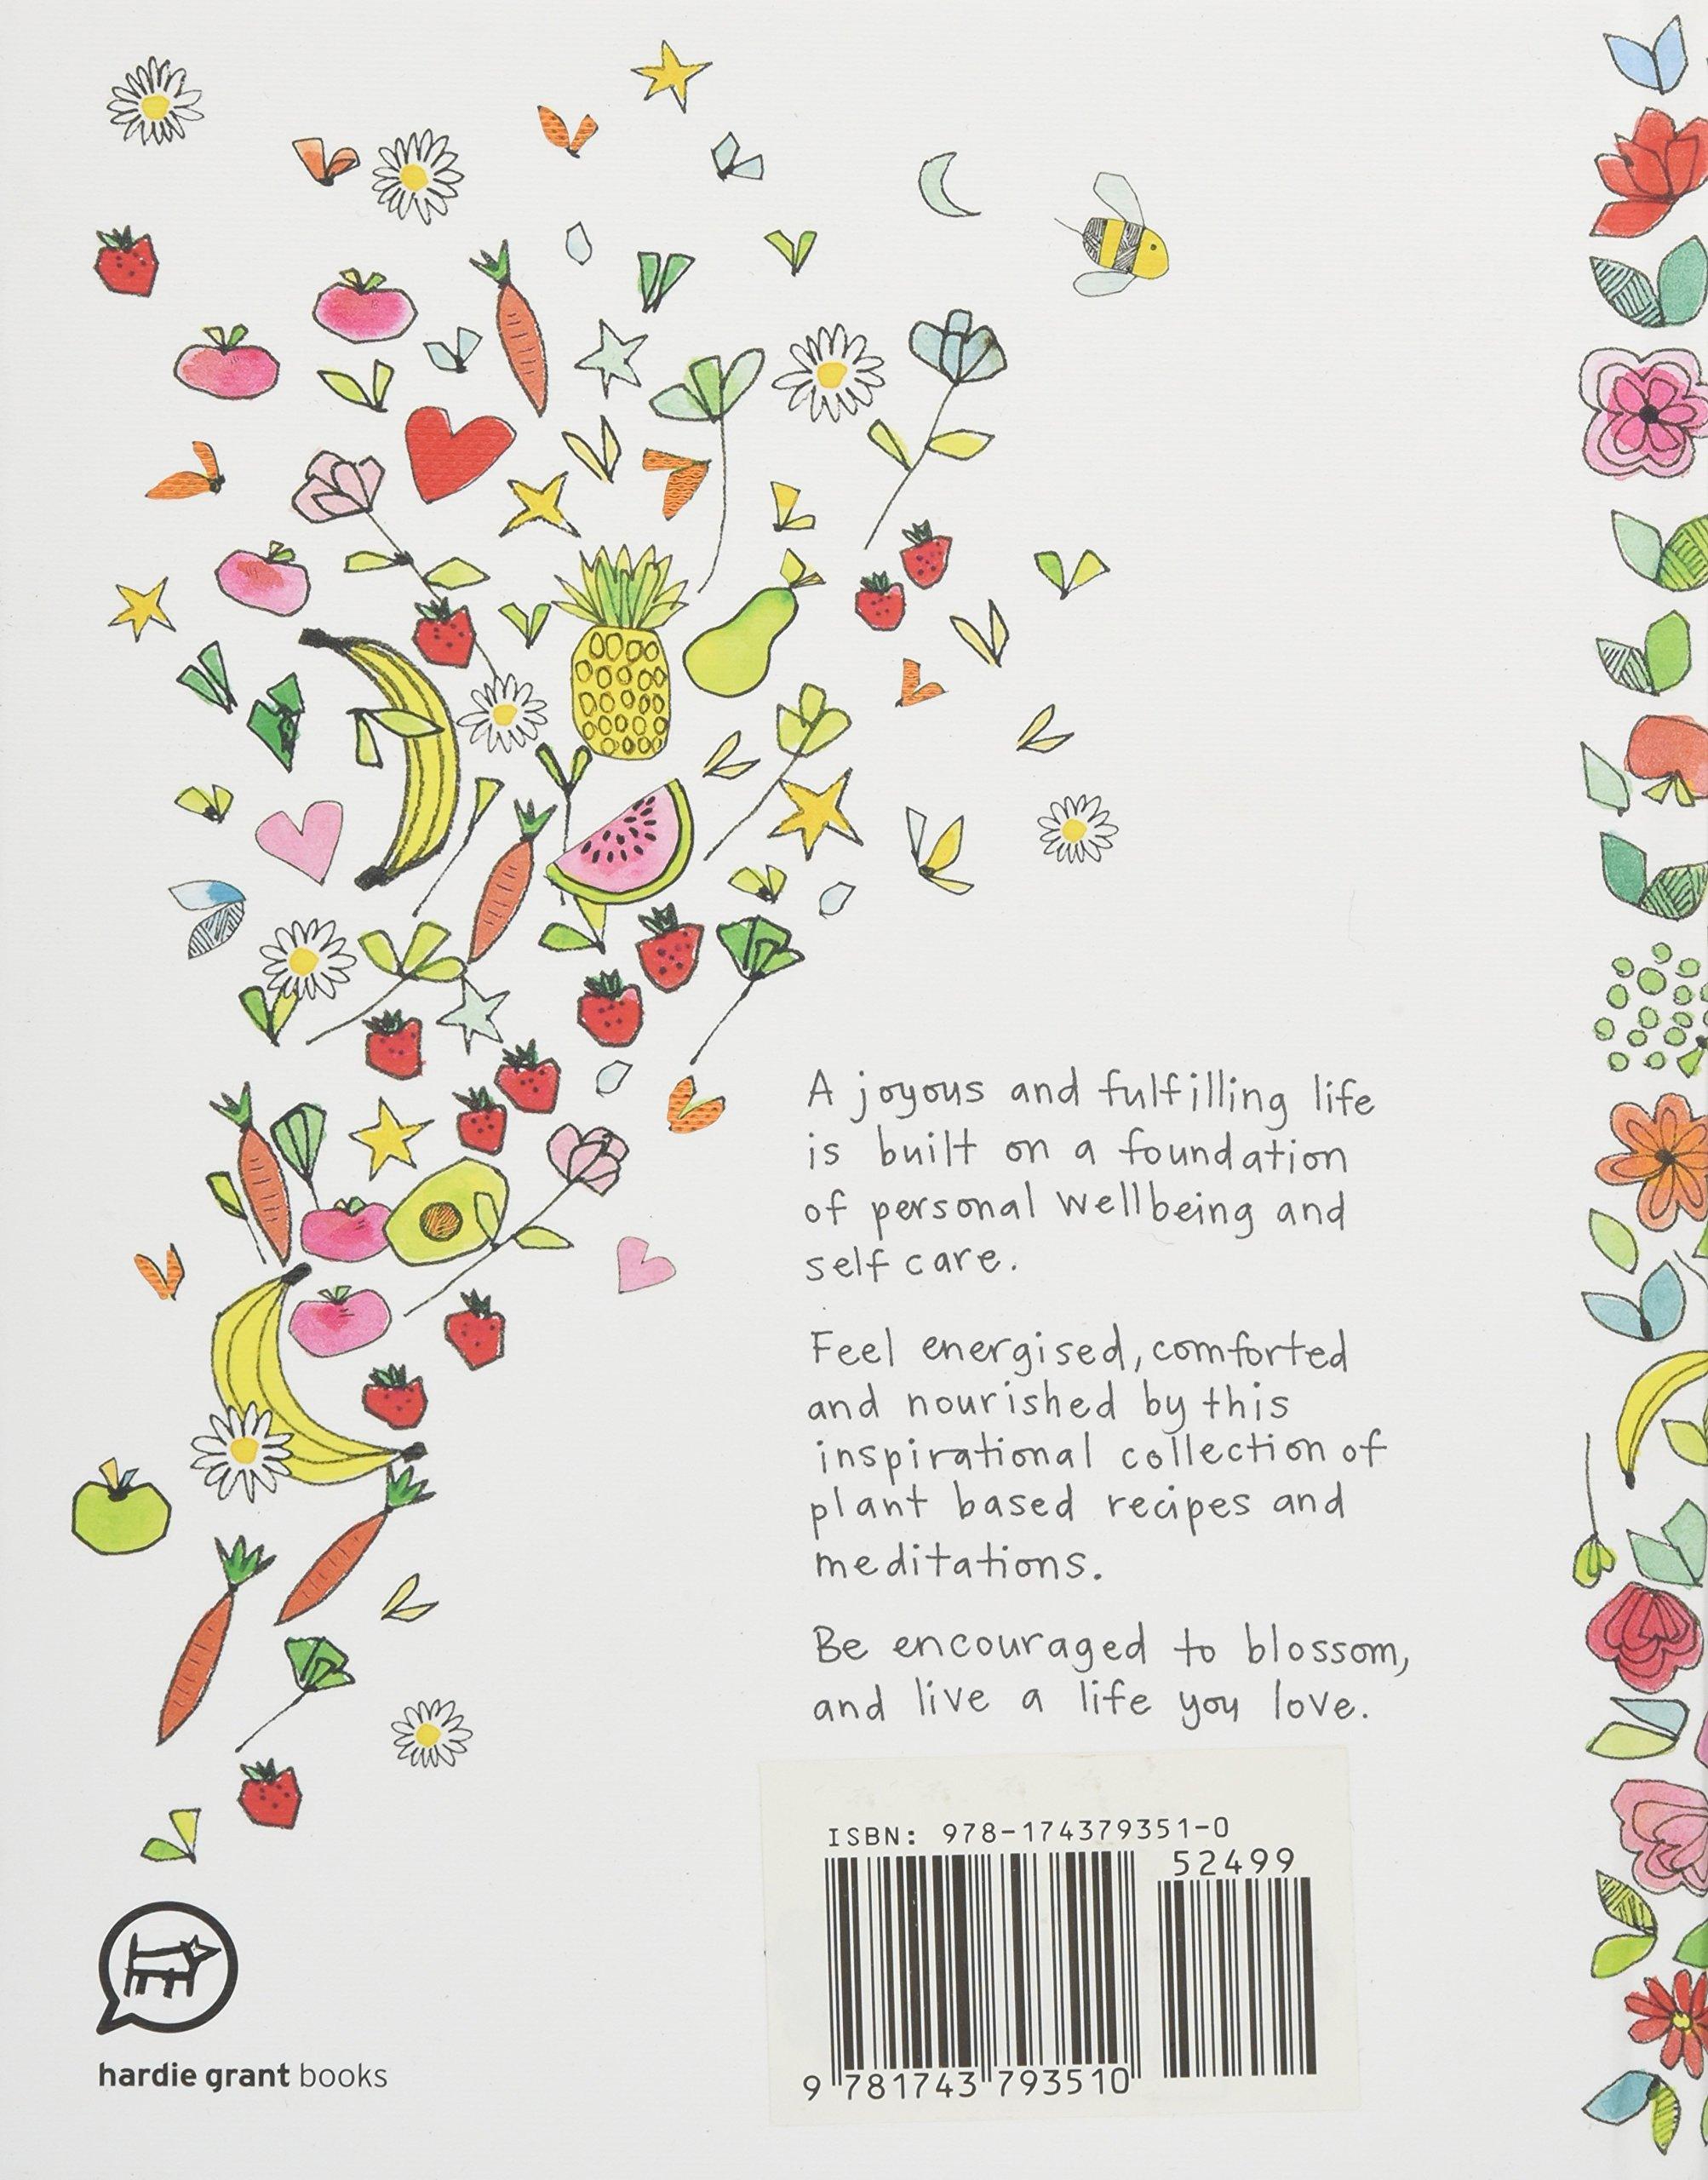 Gaston, M: The Art of Wellbeing: Amazon.es: Gaston, Meredith: Libros en idiomas extranjeros